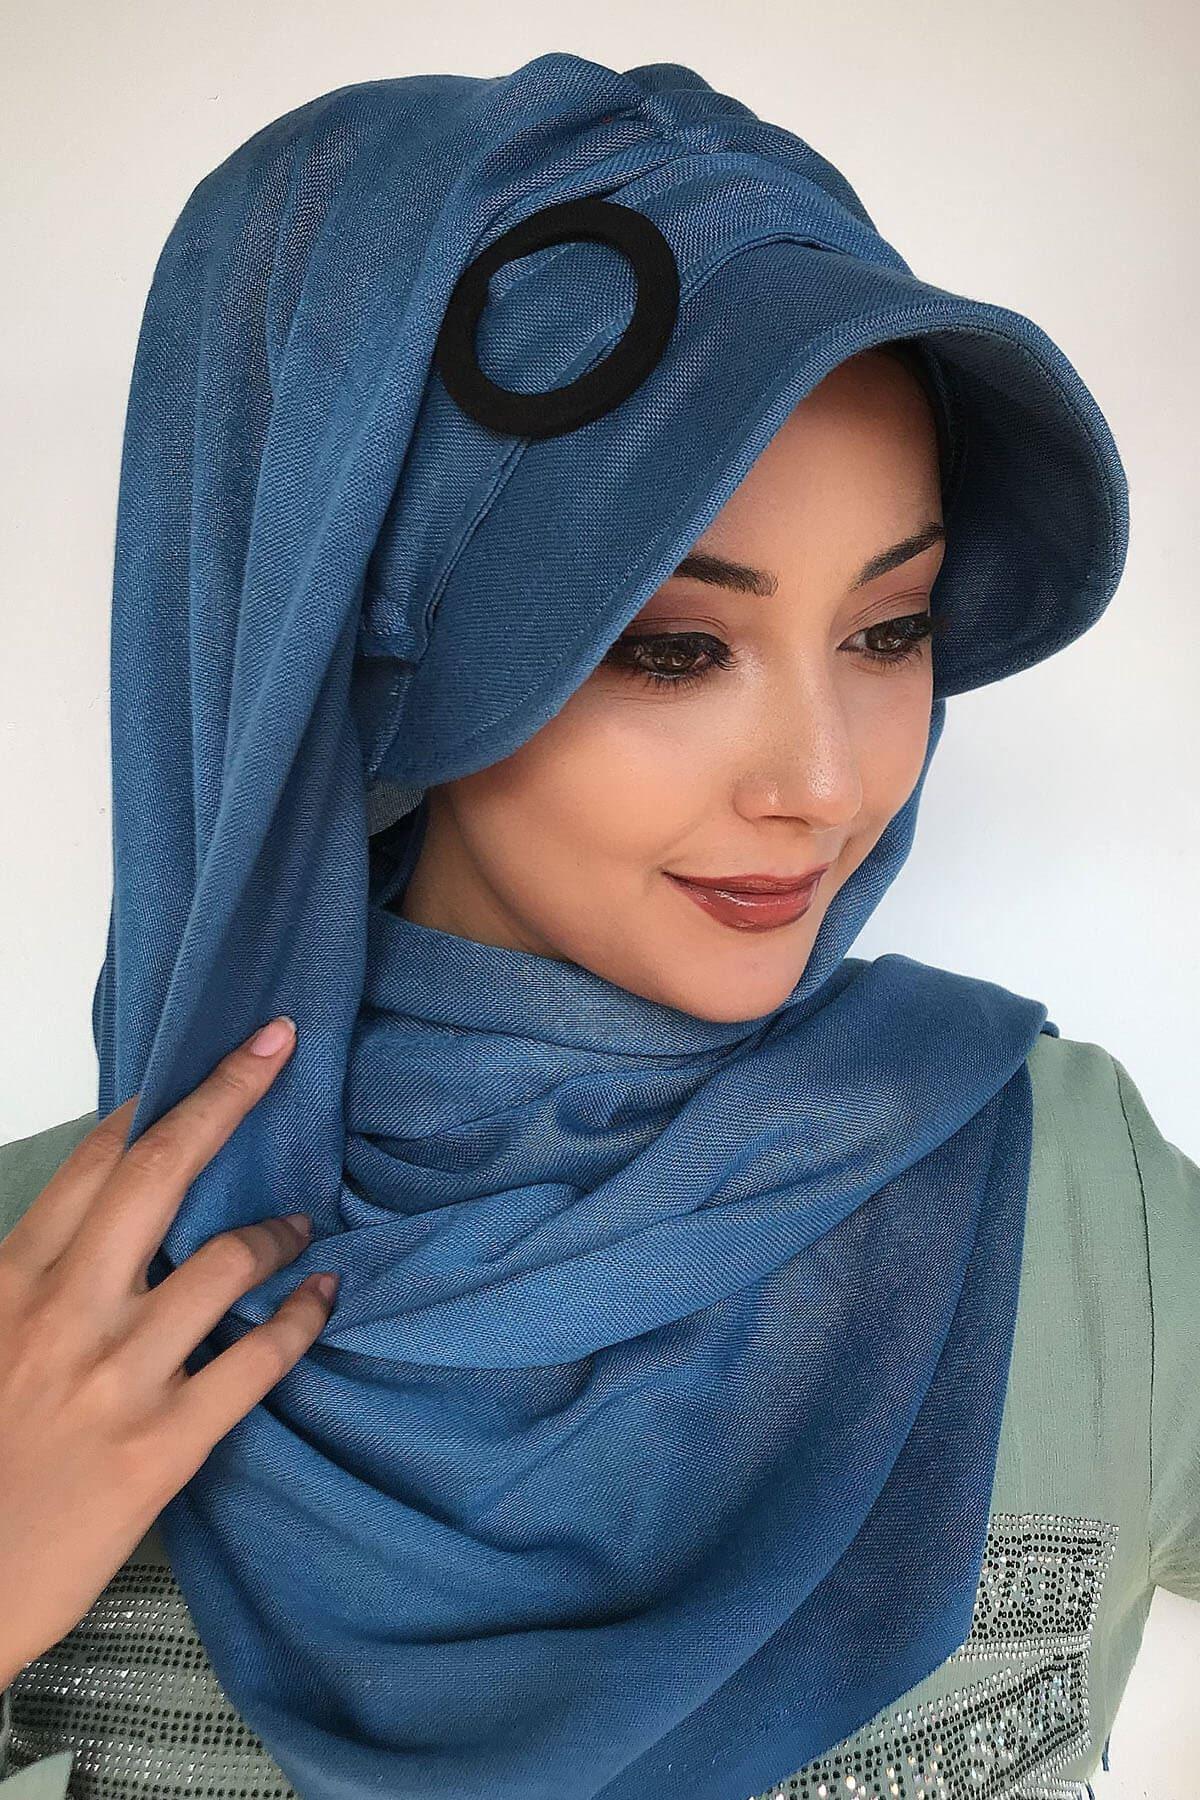 Mavi Renkli Tokalı Hazır Şapka Şal